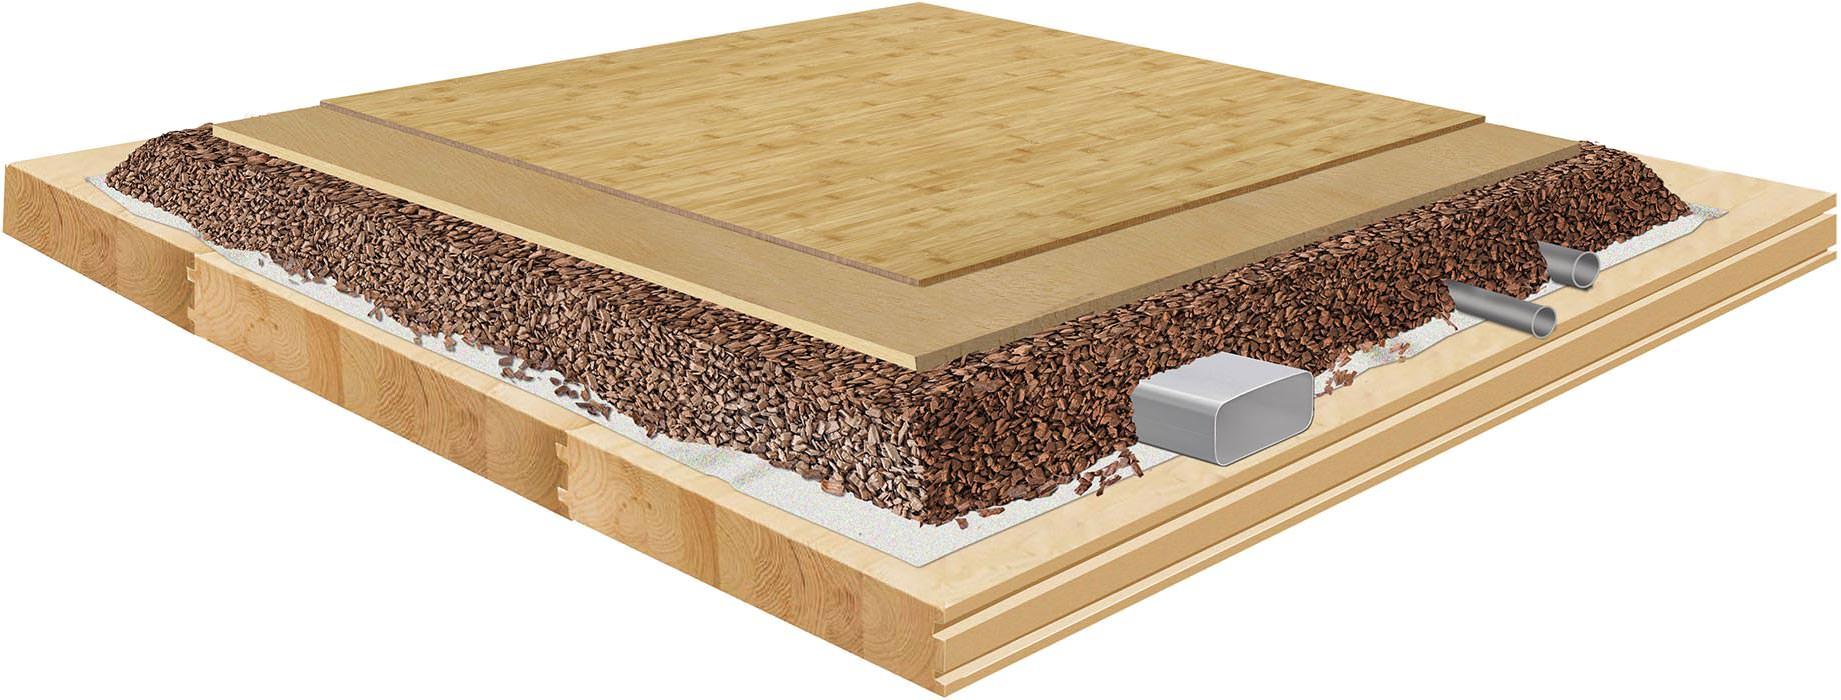 Ökologische Ausgleichsschüttungen aus mineralisierten Holzspänen